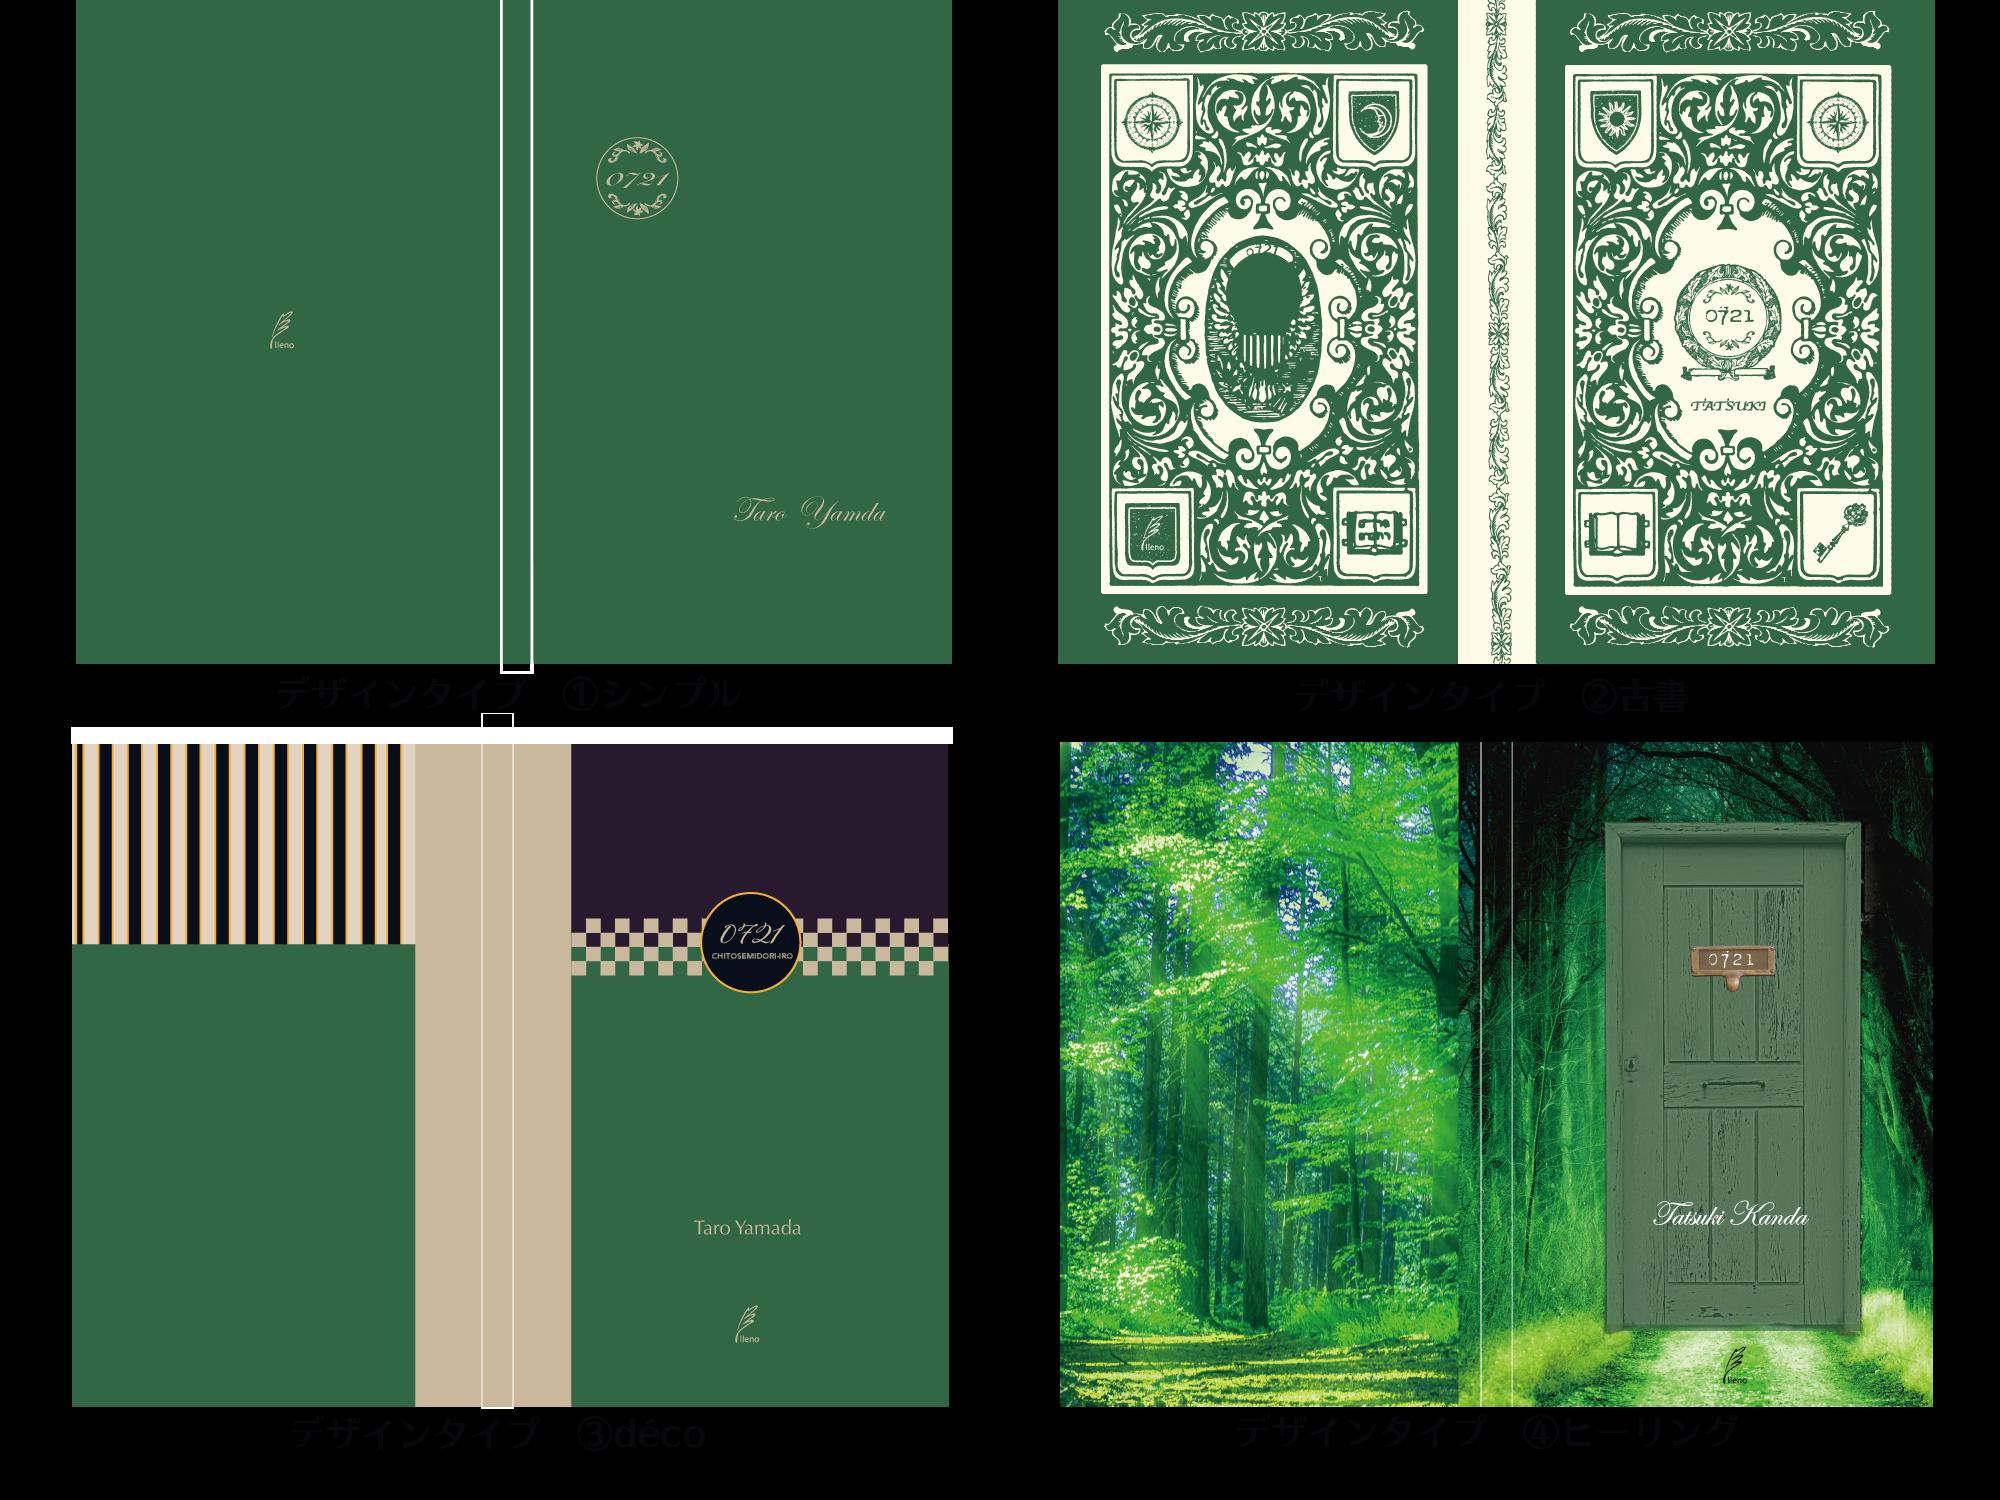 運命のノート『7月21日 千歳緑色』(鑑定&メッセージカード付)